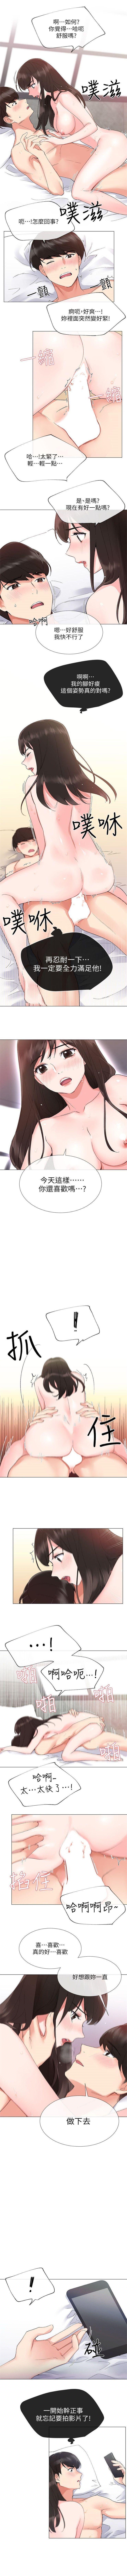 (週5)重考生 1-52 中文翻譯(更新中) 18